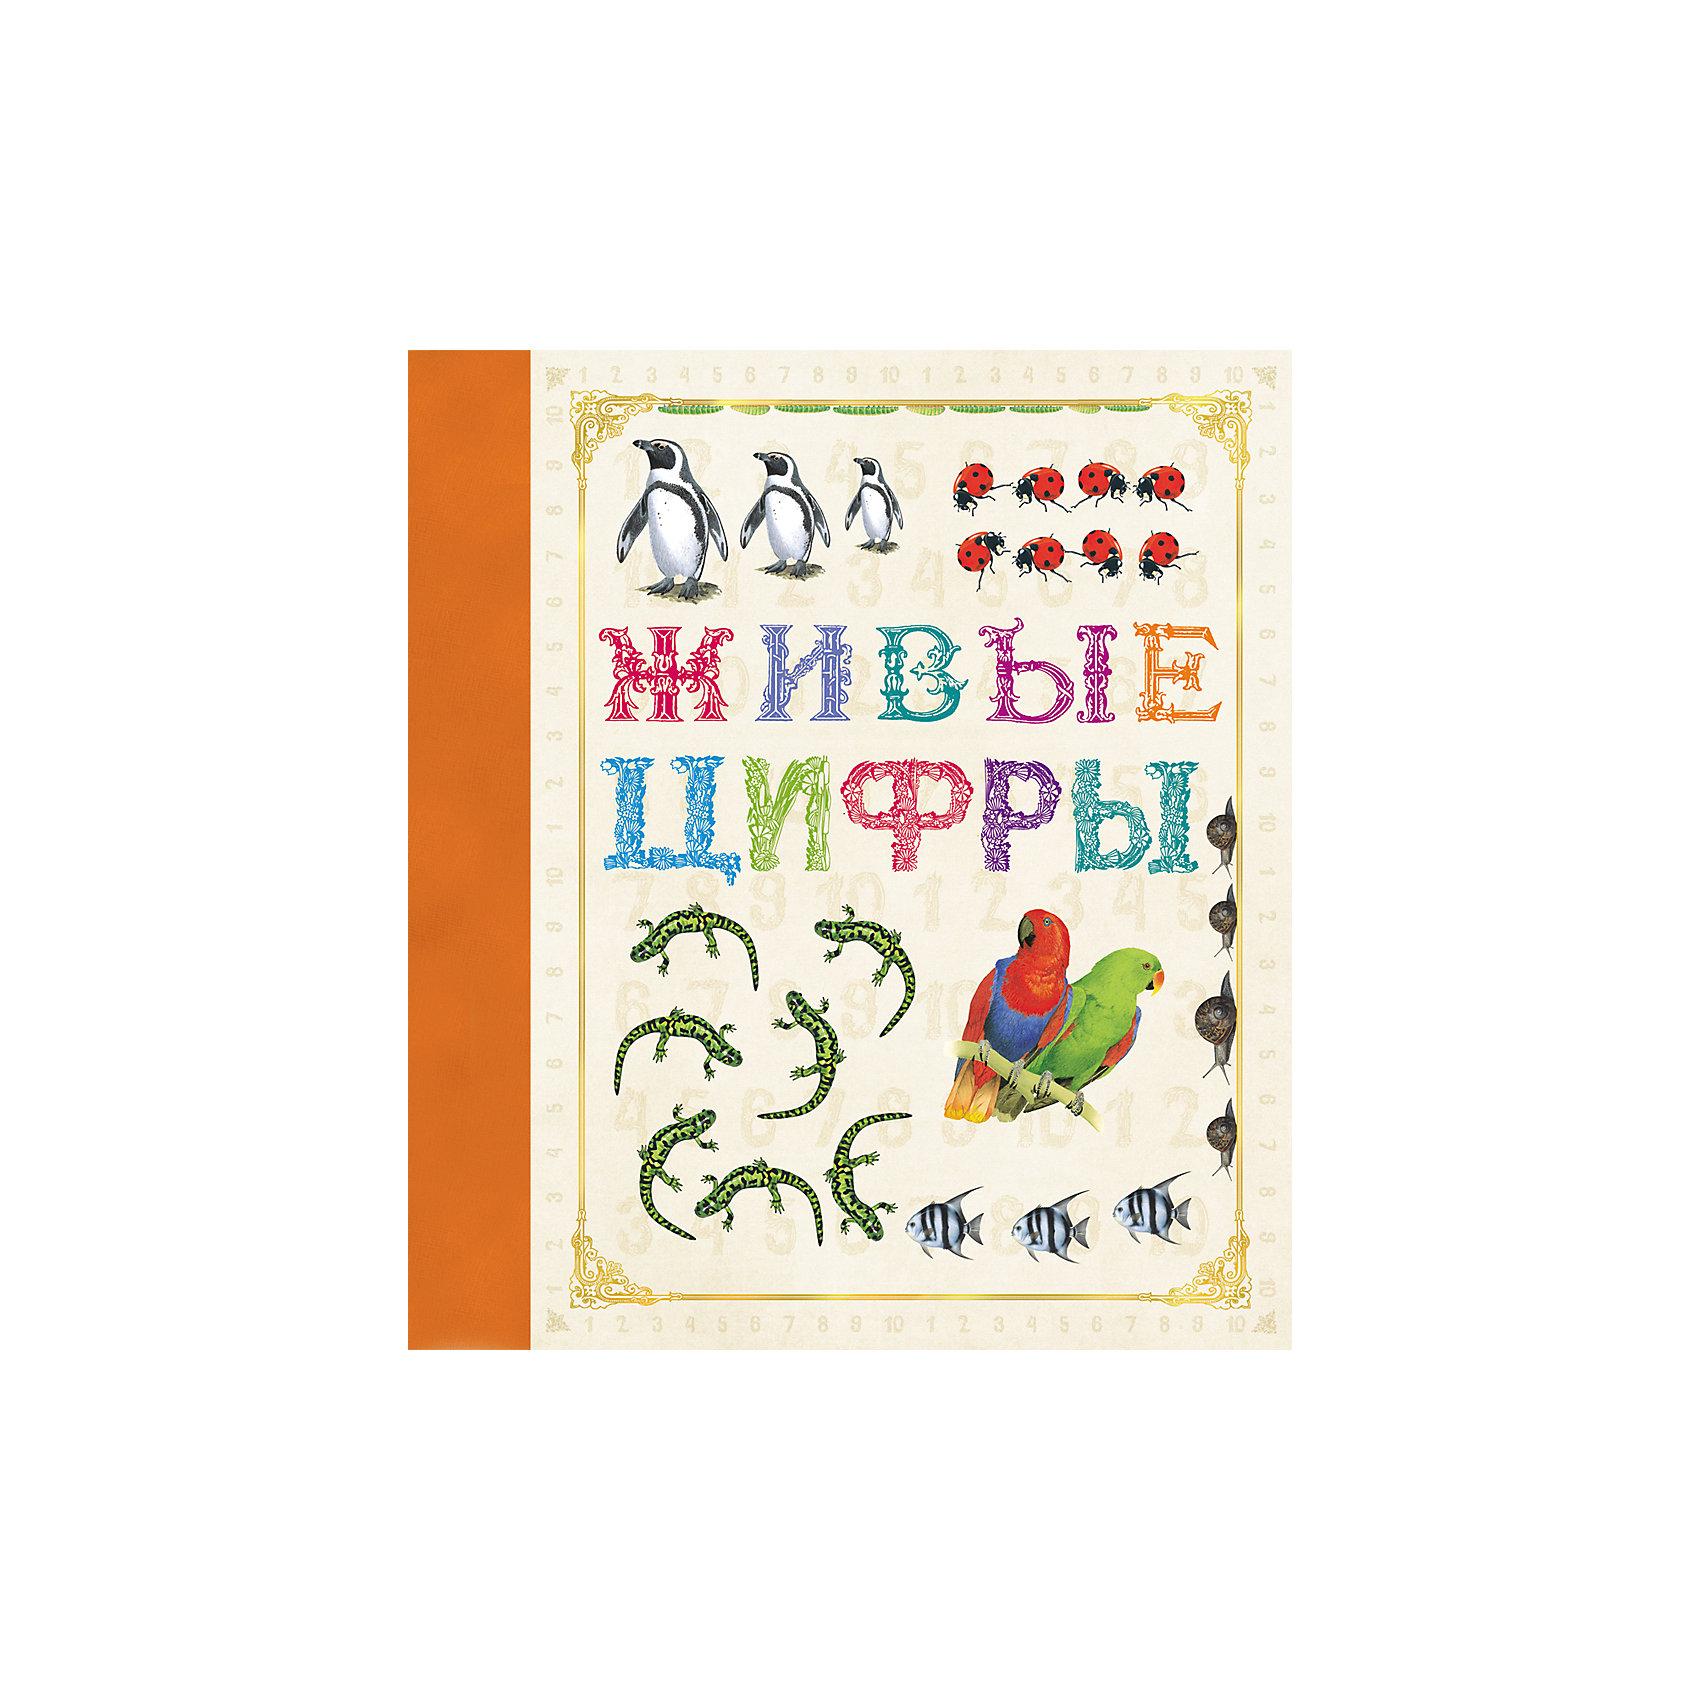 Живые цифрыХарактеристики товара:<br><br>- цвет: разноцветный;<br>- материал: бумага;<br>- страниц: 32;<br>- формат: 24 х 21 см;<br>- обложка: твердая;<br>- цветные иллюстрации.<br><br>Эта интересная книга с иллюстрациями станет отличным подарком для ребенка. Она содержит в себе яркие картинки, которые помогут малышам познакомиться со многими животными, а также пояснения к ним. Плюс - малыш сможет легко освоить цифры. В книге - море полезной информации для ребенка!<br>Чтение и рассматривание картинок помогает ребенку развивать зрительную память, концентрацию внимания и воображение. Издание произведено из качественных материалов, которые безопасны даже для самых маленьких.<br><br>Издание Живые цифры от компании Росмэн можно купить в нашем интернет-магазине.<br><br>Ширина мм: 245<br>Глубина мм: 210<br>Высота мм: 7<br>Вес г: 257<br>Возраст от месяцев: 60<br>Возраст до месяцев: 84<br>Пол: Унисекс<br>Возраст: Детский<br>SKU: 5110170